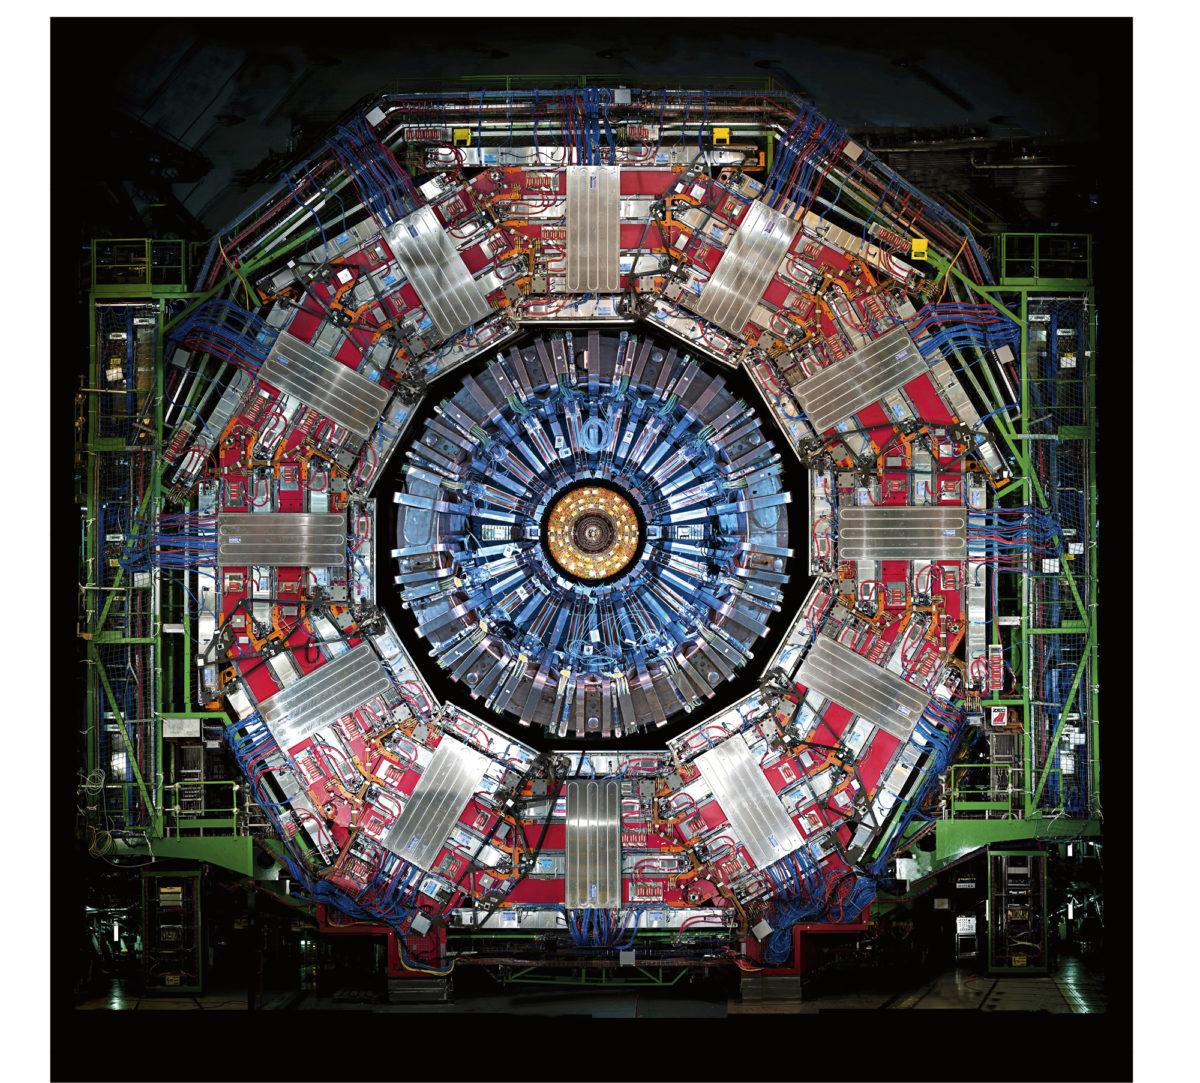 Juho Juvalaisen kokoamat anturit ovat CERNin 15 metrin korkuisen CMS-ilmaisimen keskipisteessä. Anturit ovat sukua digikameroille, mutta fotonien sijasta ne tallentavat kiihdyttimen hiukkassuihkujen törmäysjälkiä.